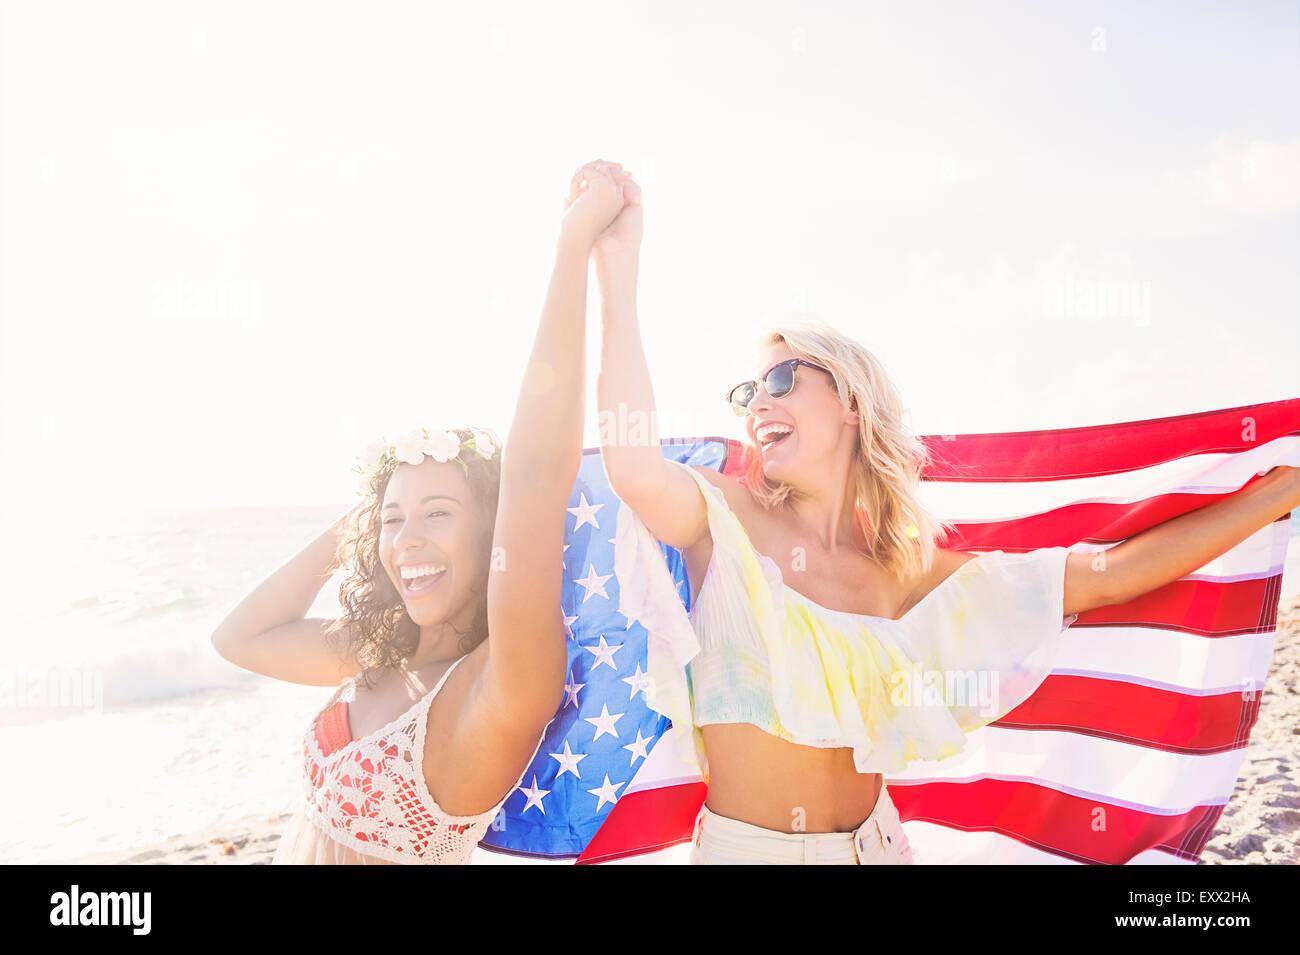 Amici di sesso femminile sulla spiaggia con bandiera americana Immagini Stock